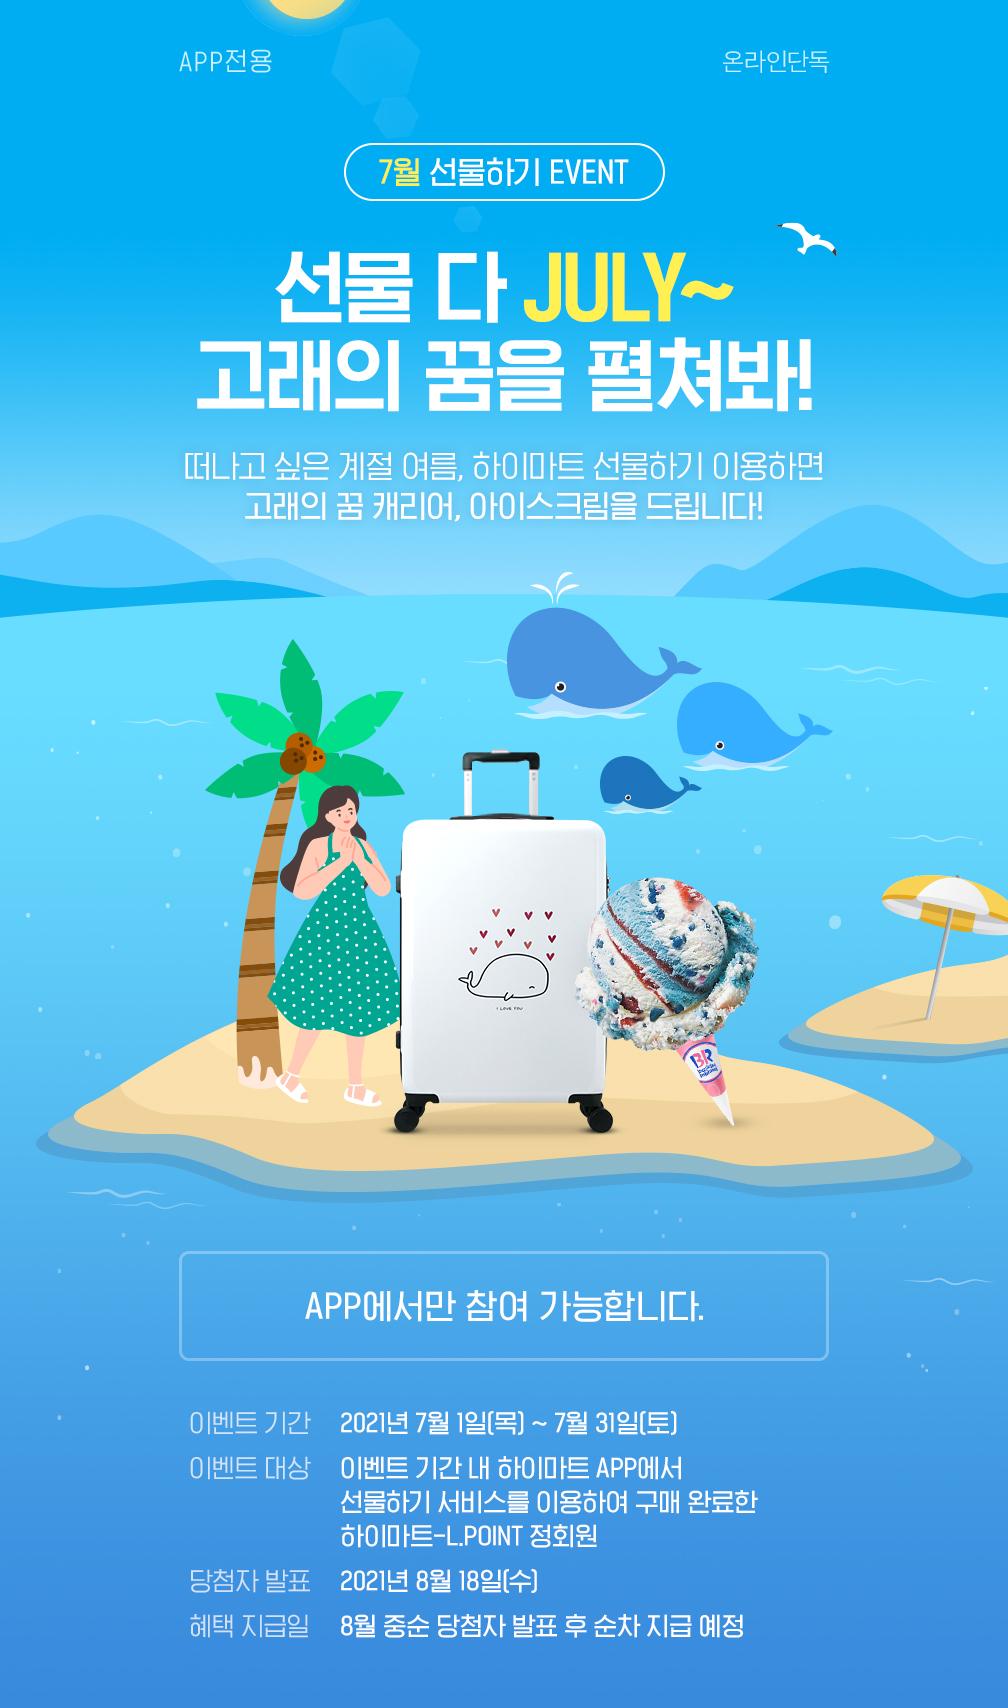 7월 선물하기 EVENT, 선물 다 JULY~ 고래의 꿈을 펼쳐봐! 떠나고 싶은 계절 여름, 하이마트 선물하기 이용하면 고래의 꿈 캐리어, 아이스크립을 드립니다!